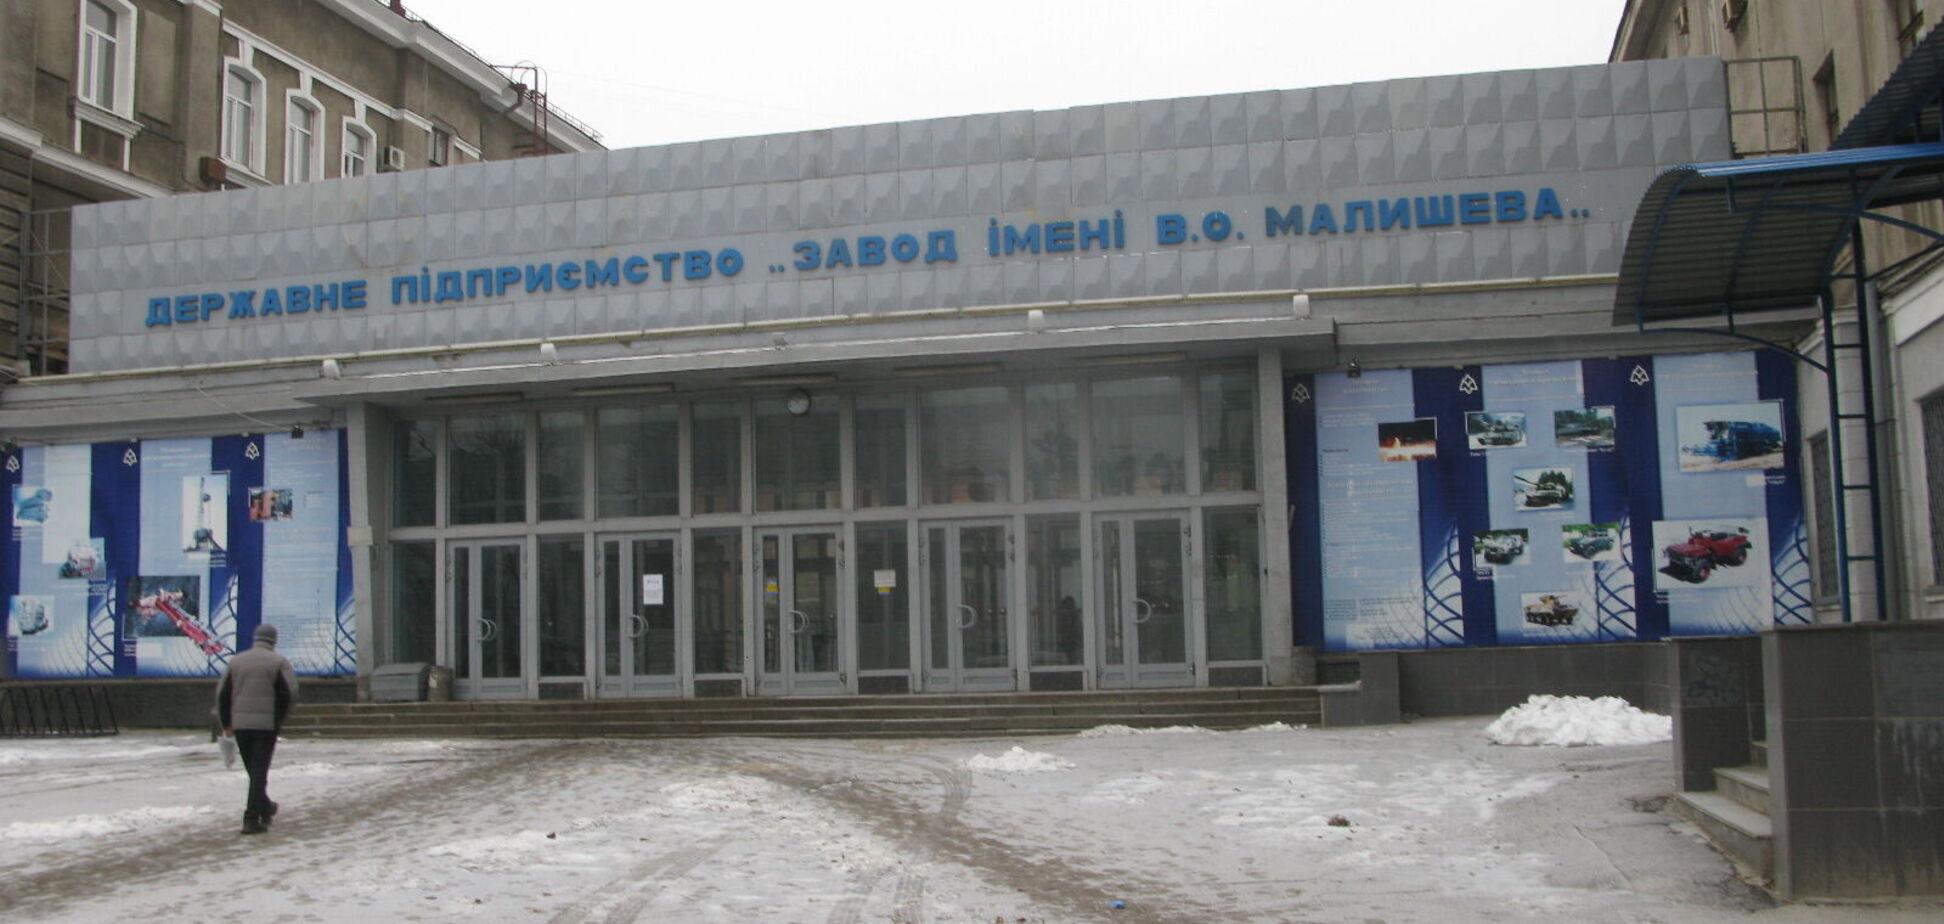 На 'Заводі імені В.А. Малишева' в Харкові закінчується другий тур конкурсного відбору на посаду гендиректора